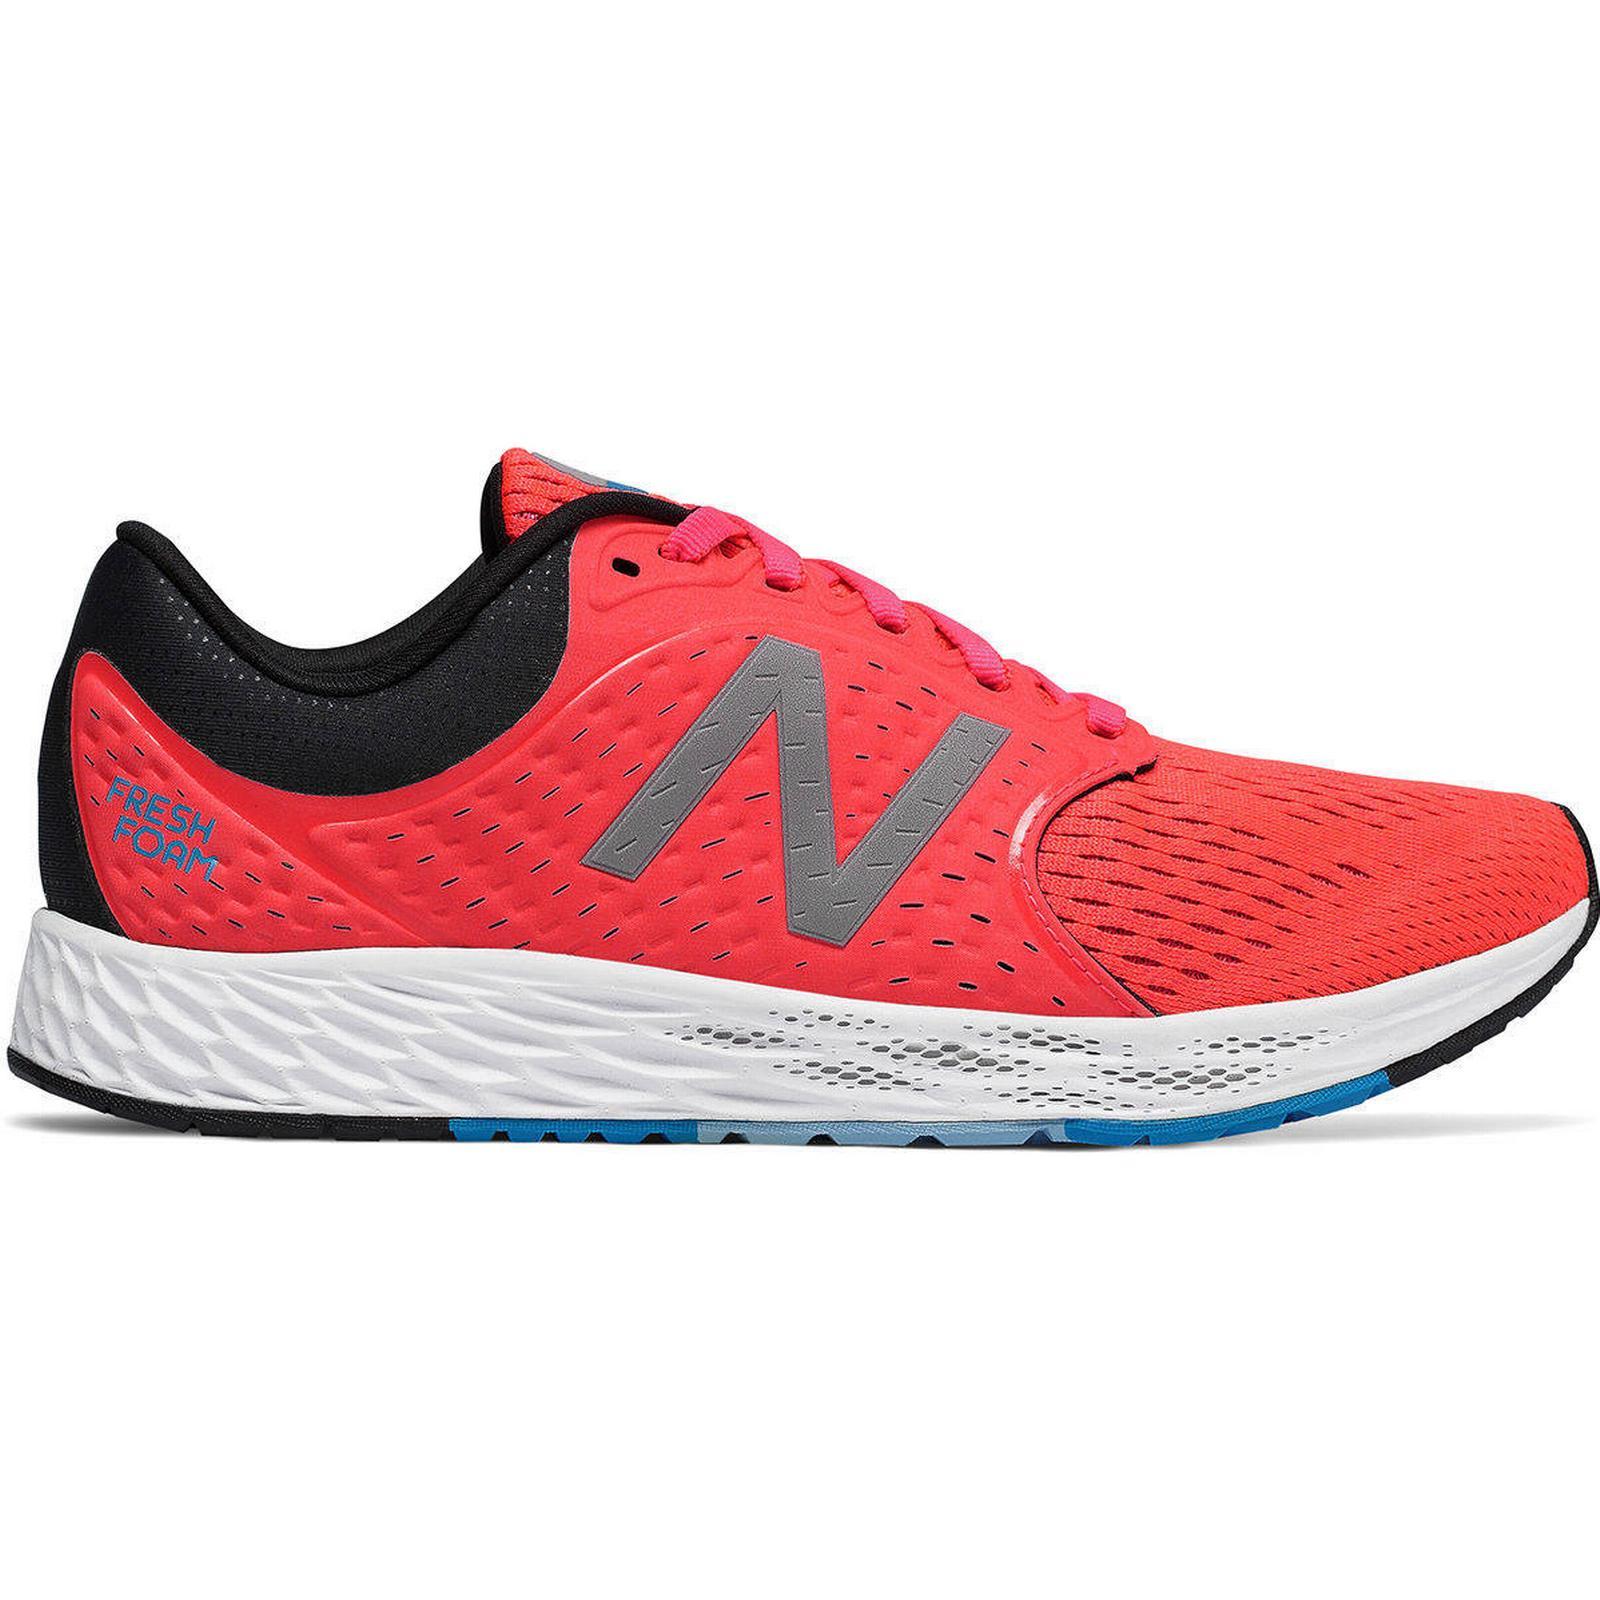 Wiggle Online Women's Cycle Shop New Balance Women's Online Fresh Foam Zante Shoes Running Shoes 77dfd6